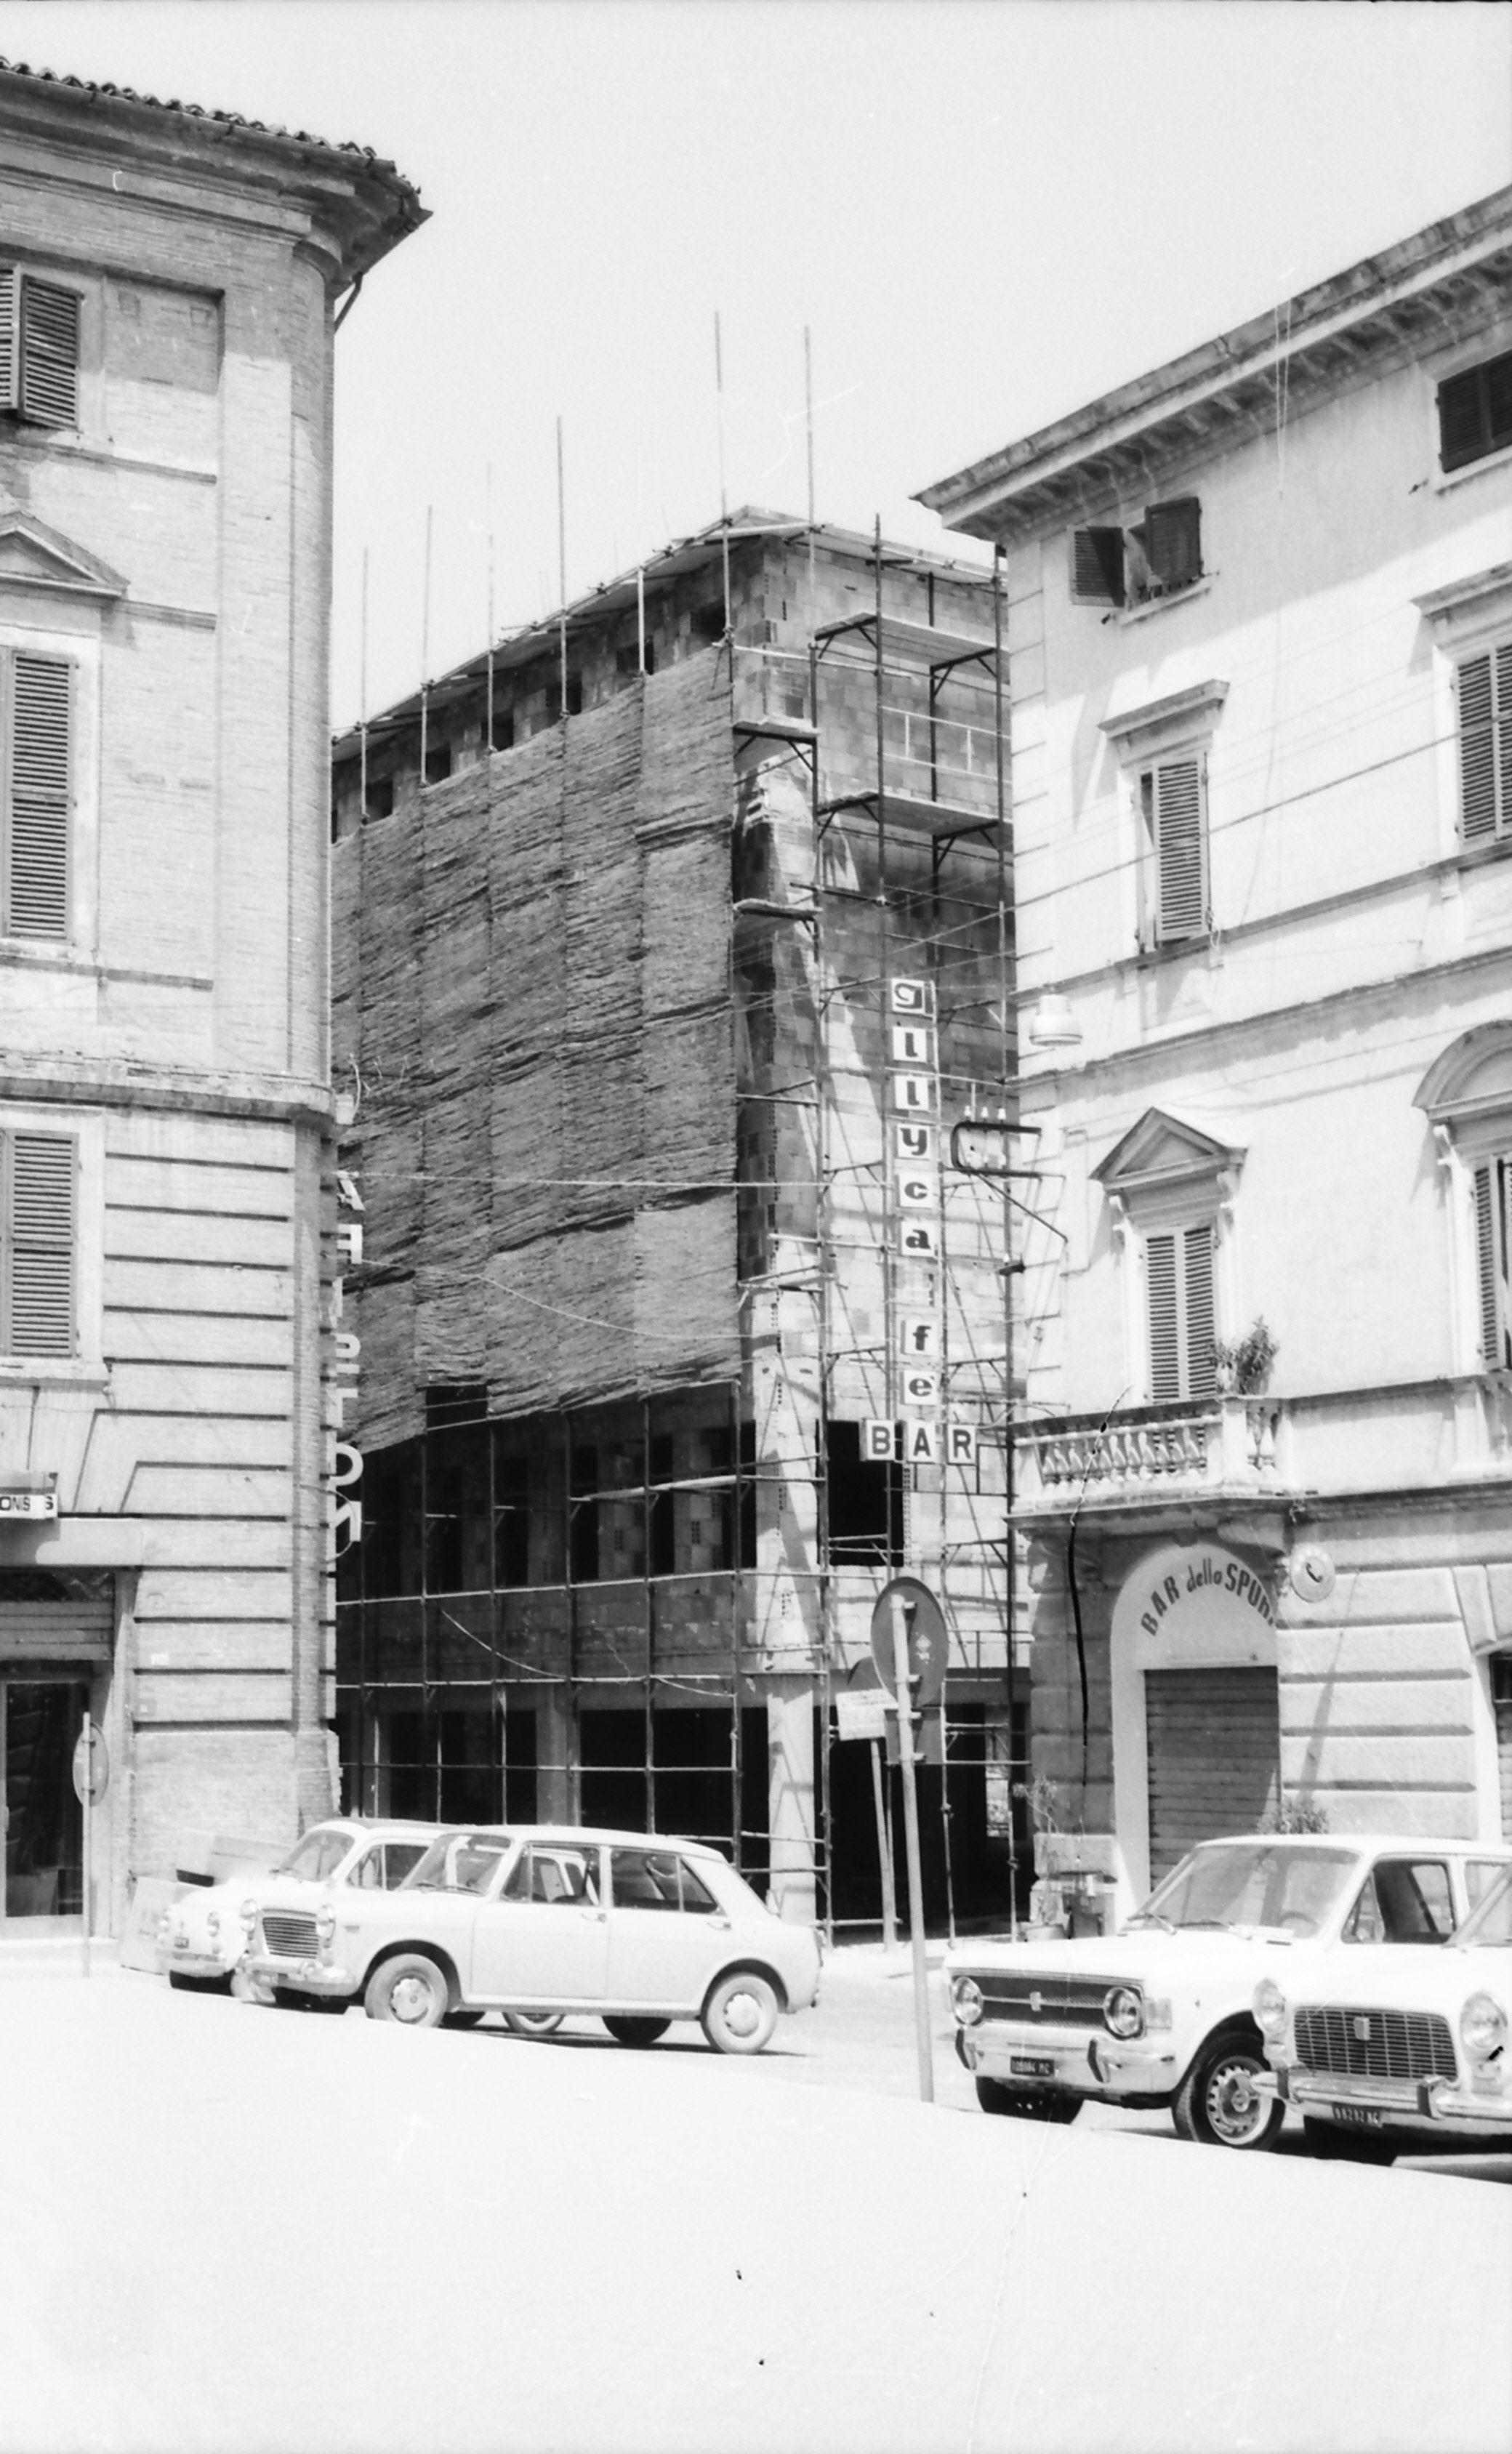 Matelica, Ex-Palazzo Croci Razzanti - Costruzione del nuovo palazzo (1975) 7/7